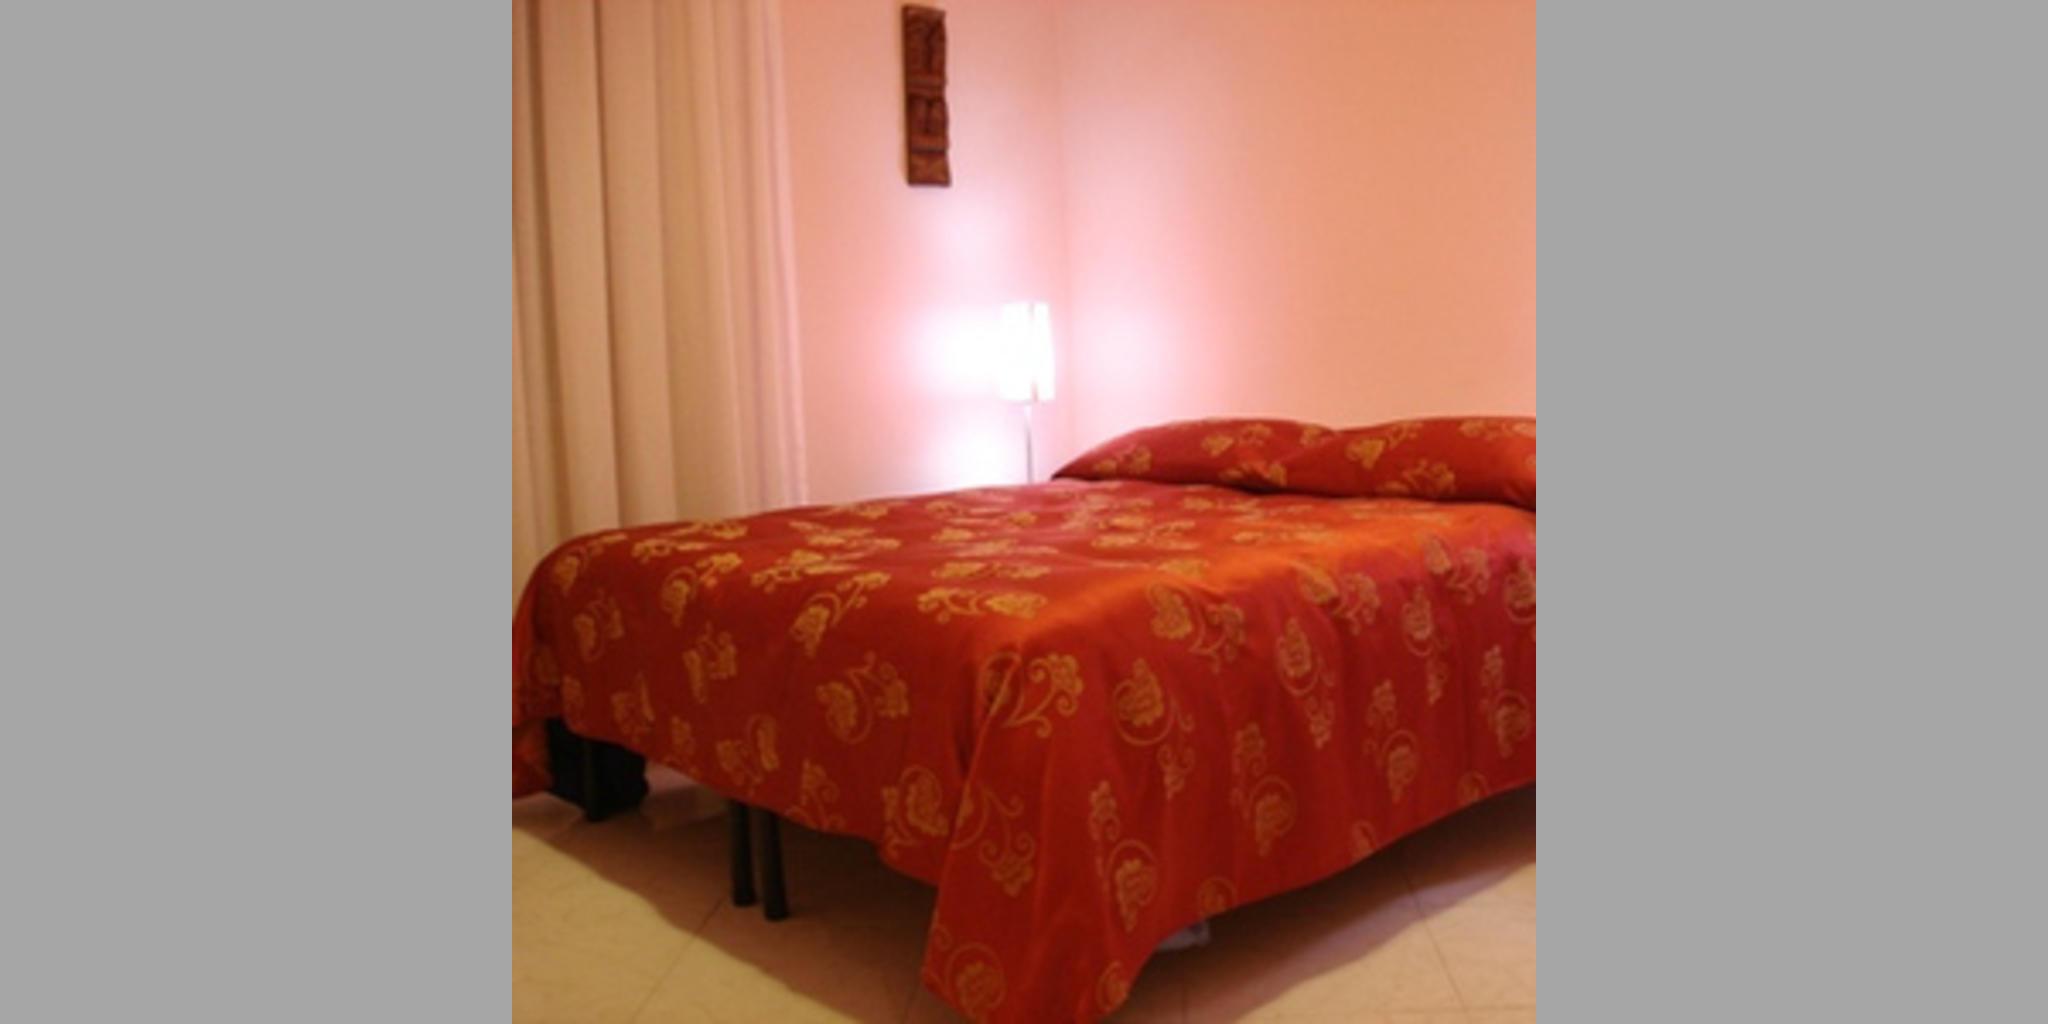 Bed & Breakfast Napoli - Napoli_Stazione Centrale